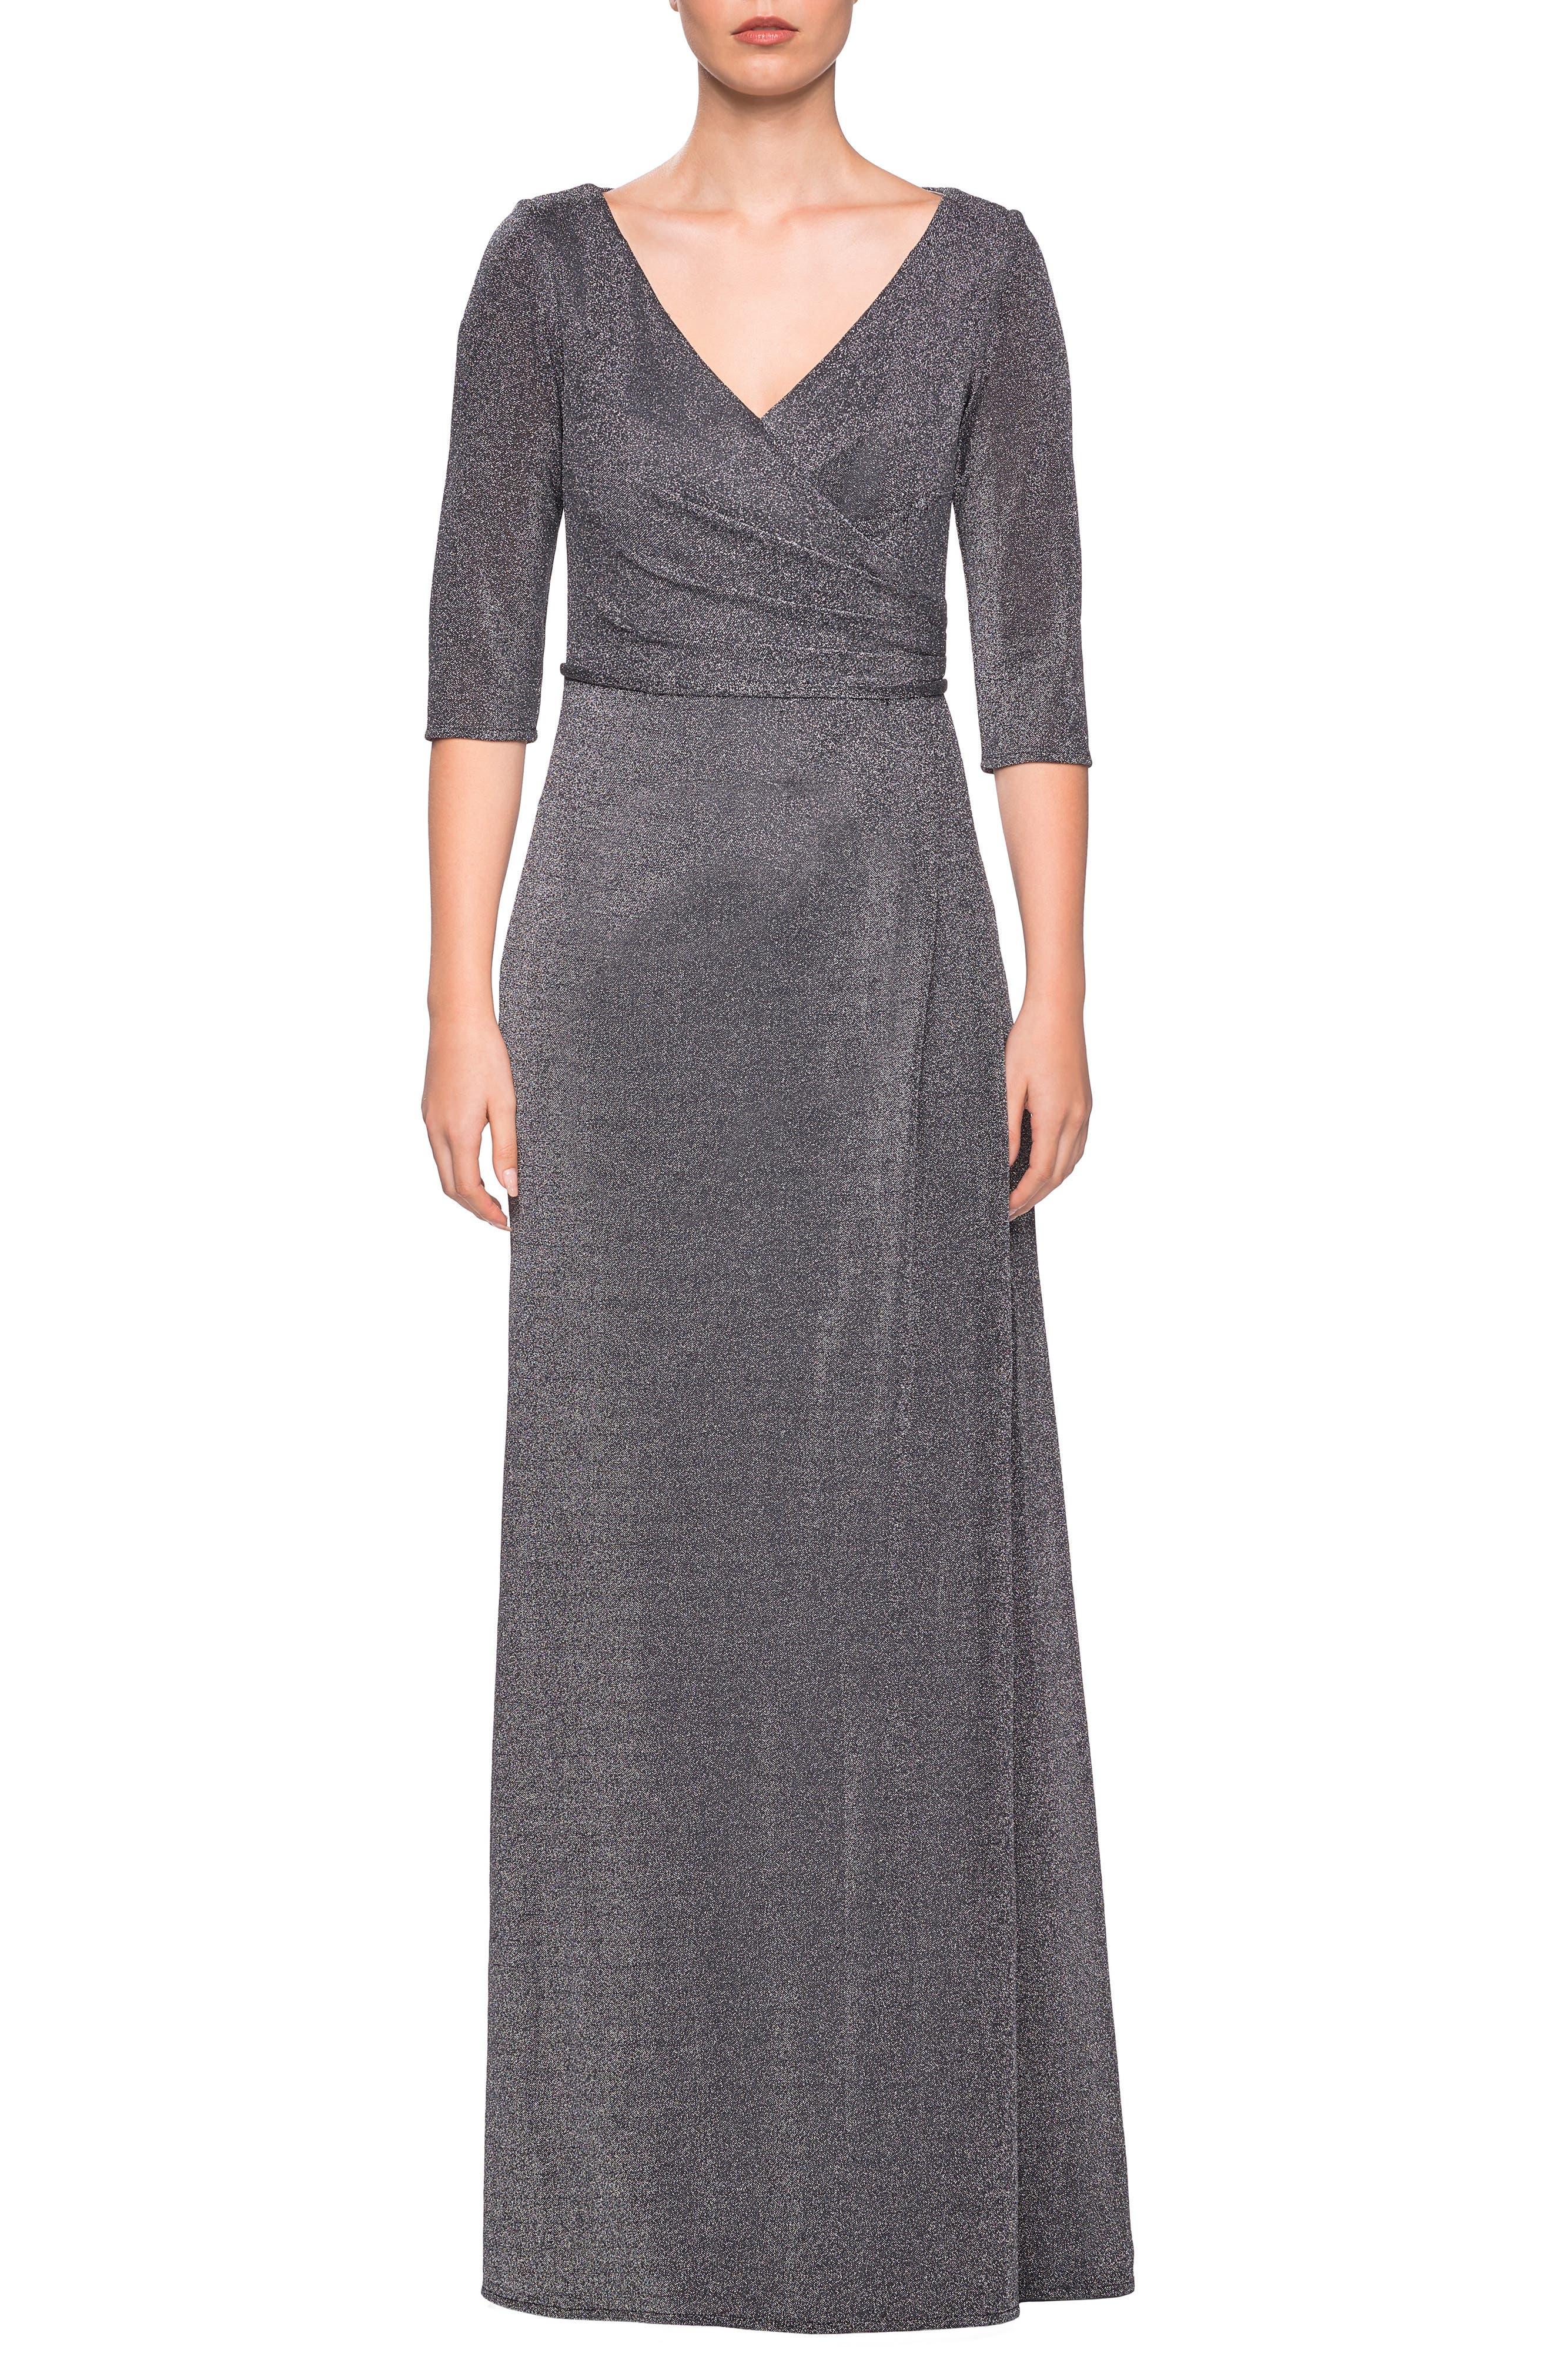 La Femme Sparkle Column Gown, Grey